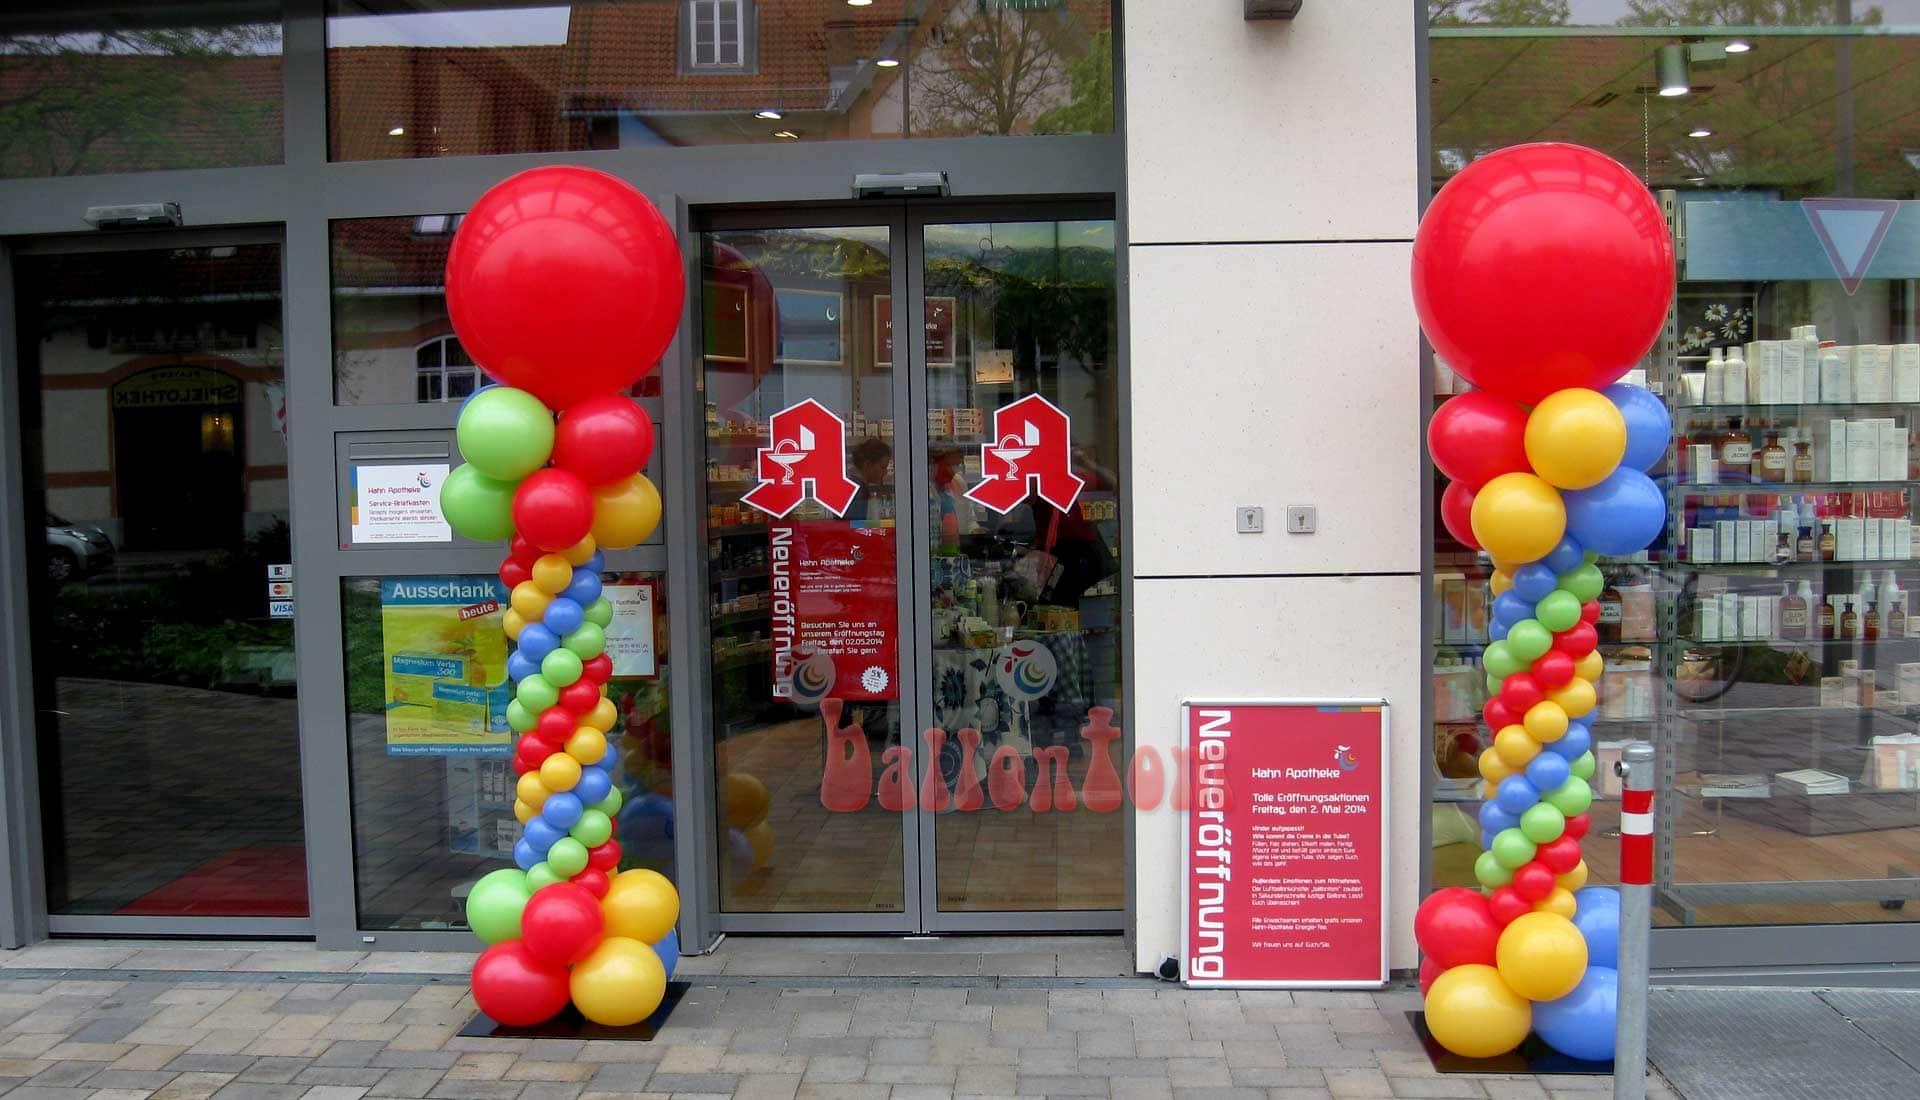 Ballonsäulen für eine Apotheke in München